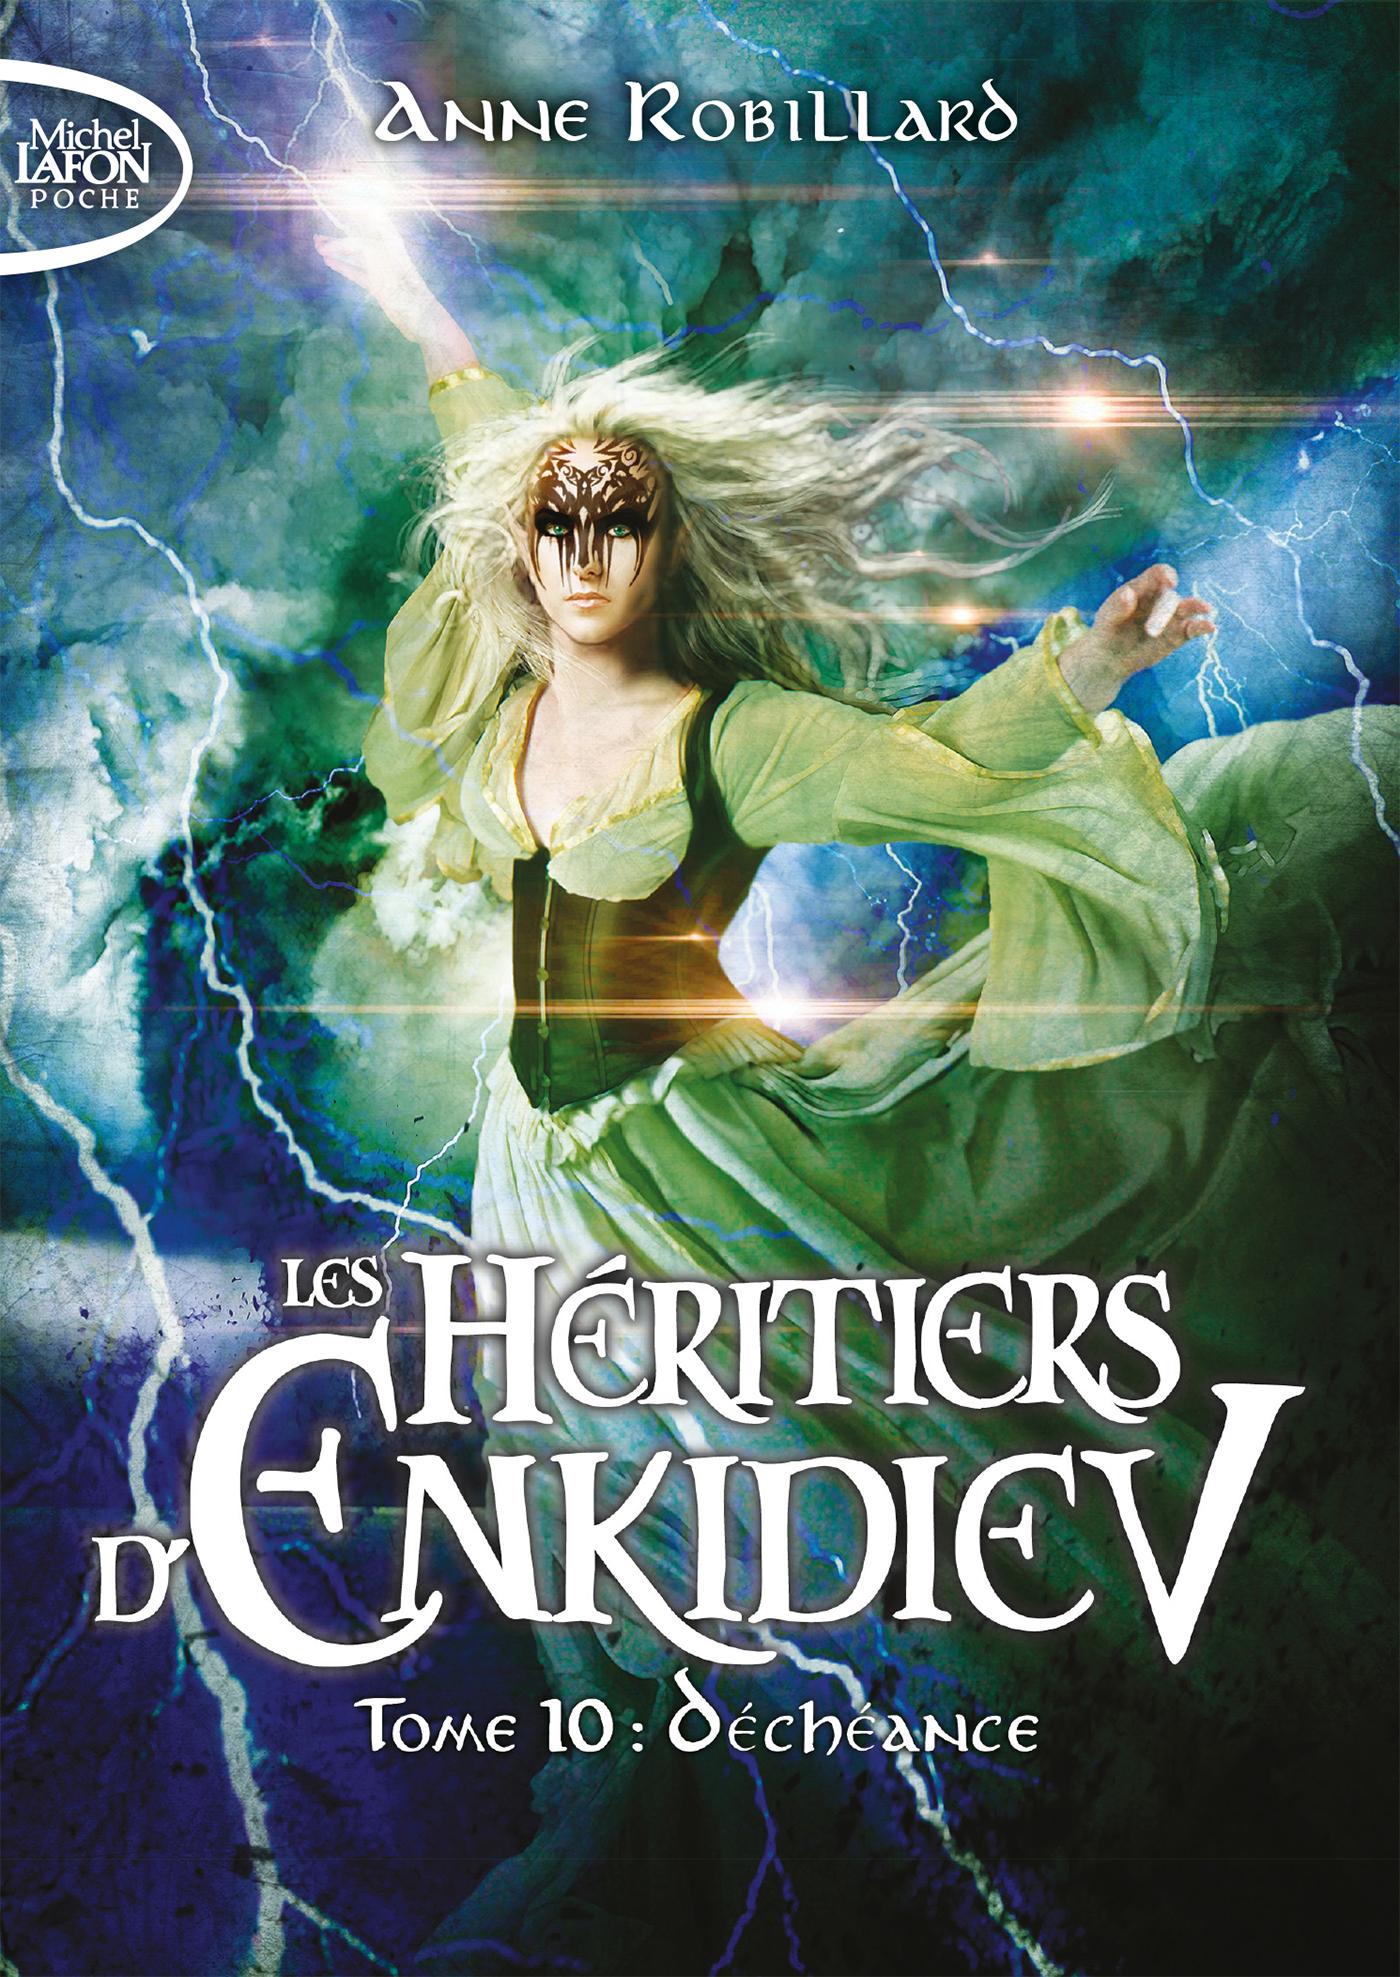 Les Héritiers d'Enkidiev – Tome 10 (Poche)